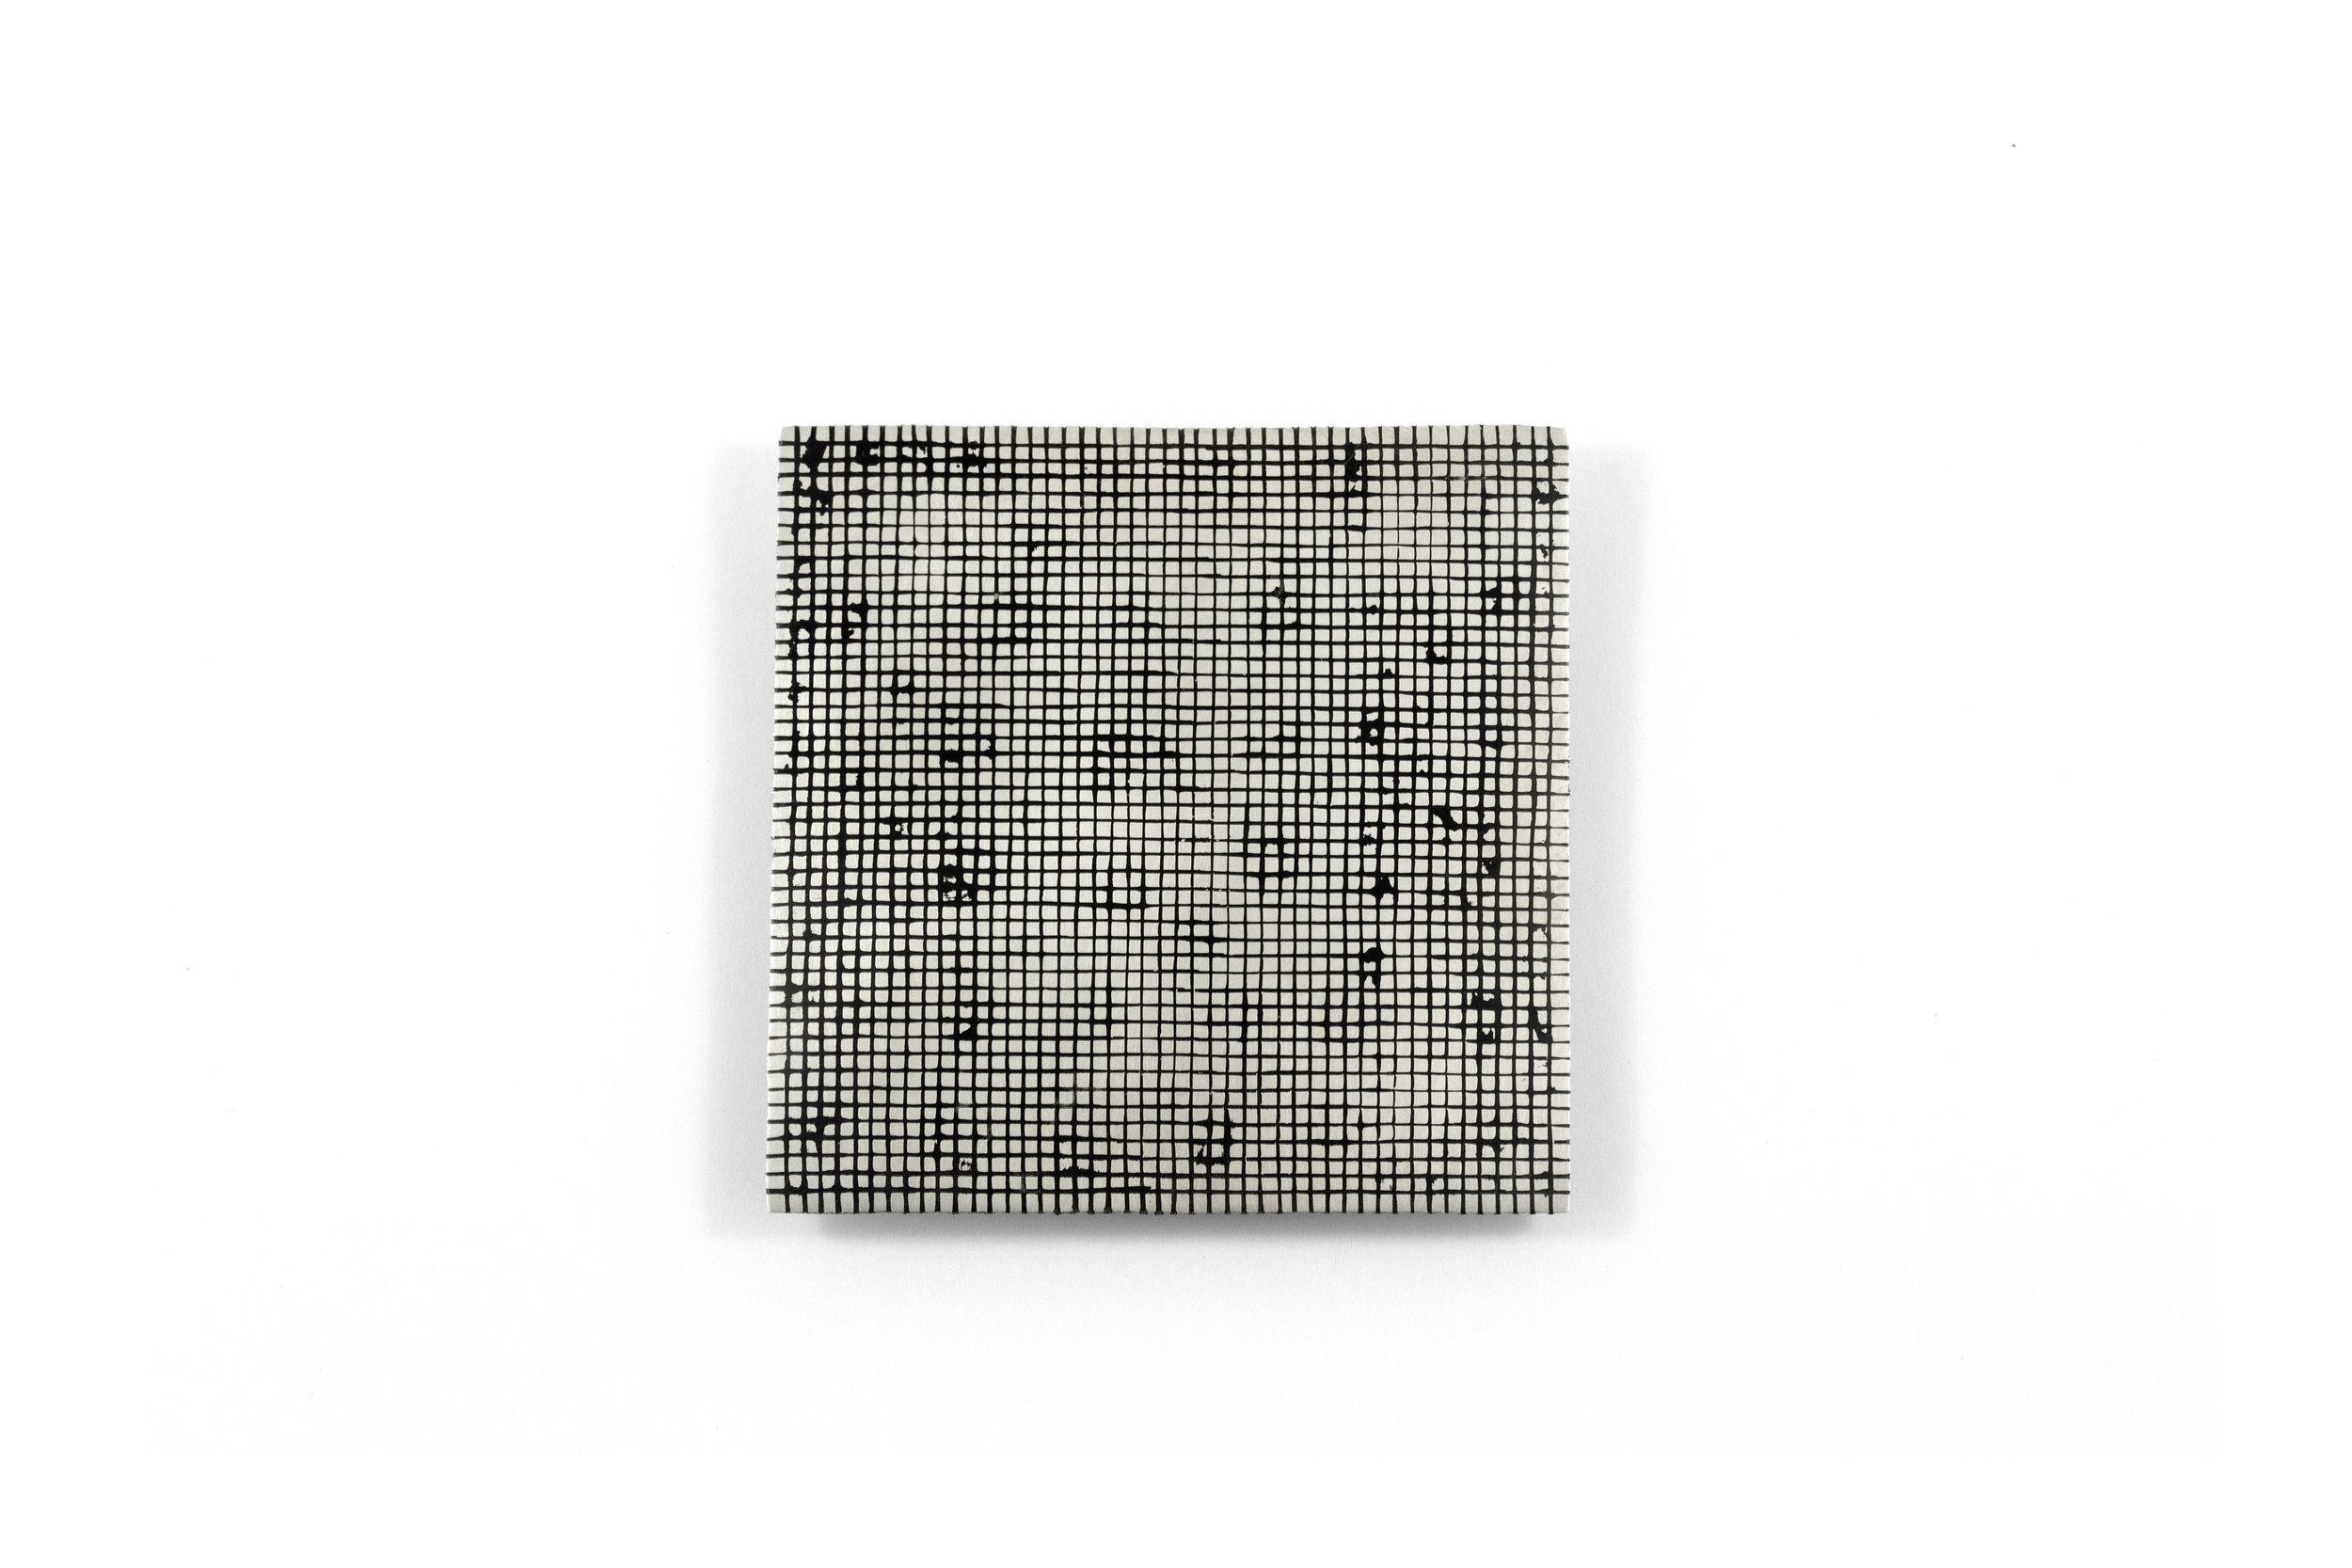 Grid4.final.jpg